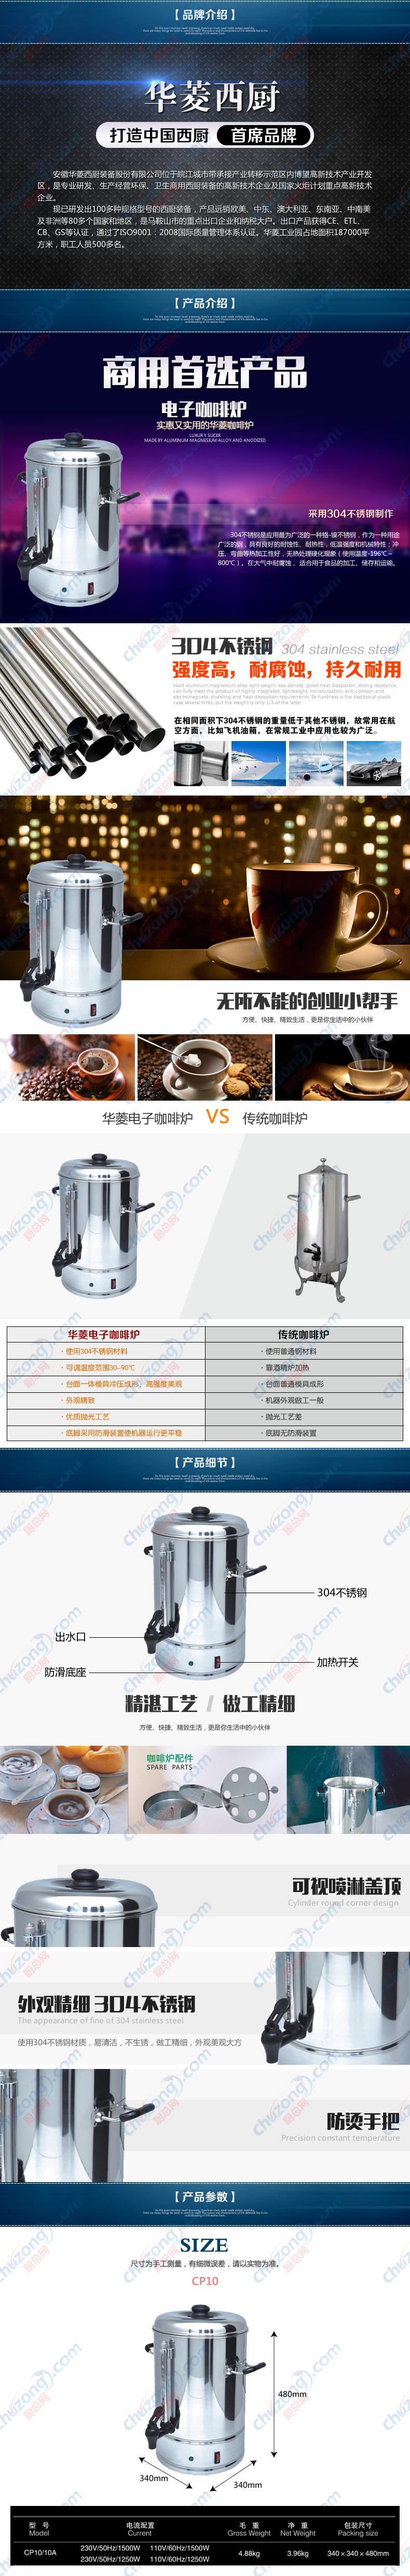 华菱西厨咖啡炉,电热咖啡炉,不锈钢咖啡炉CP10